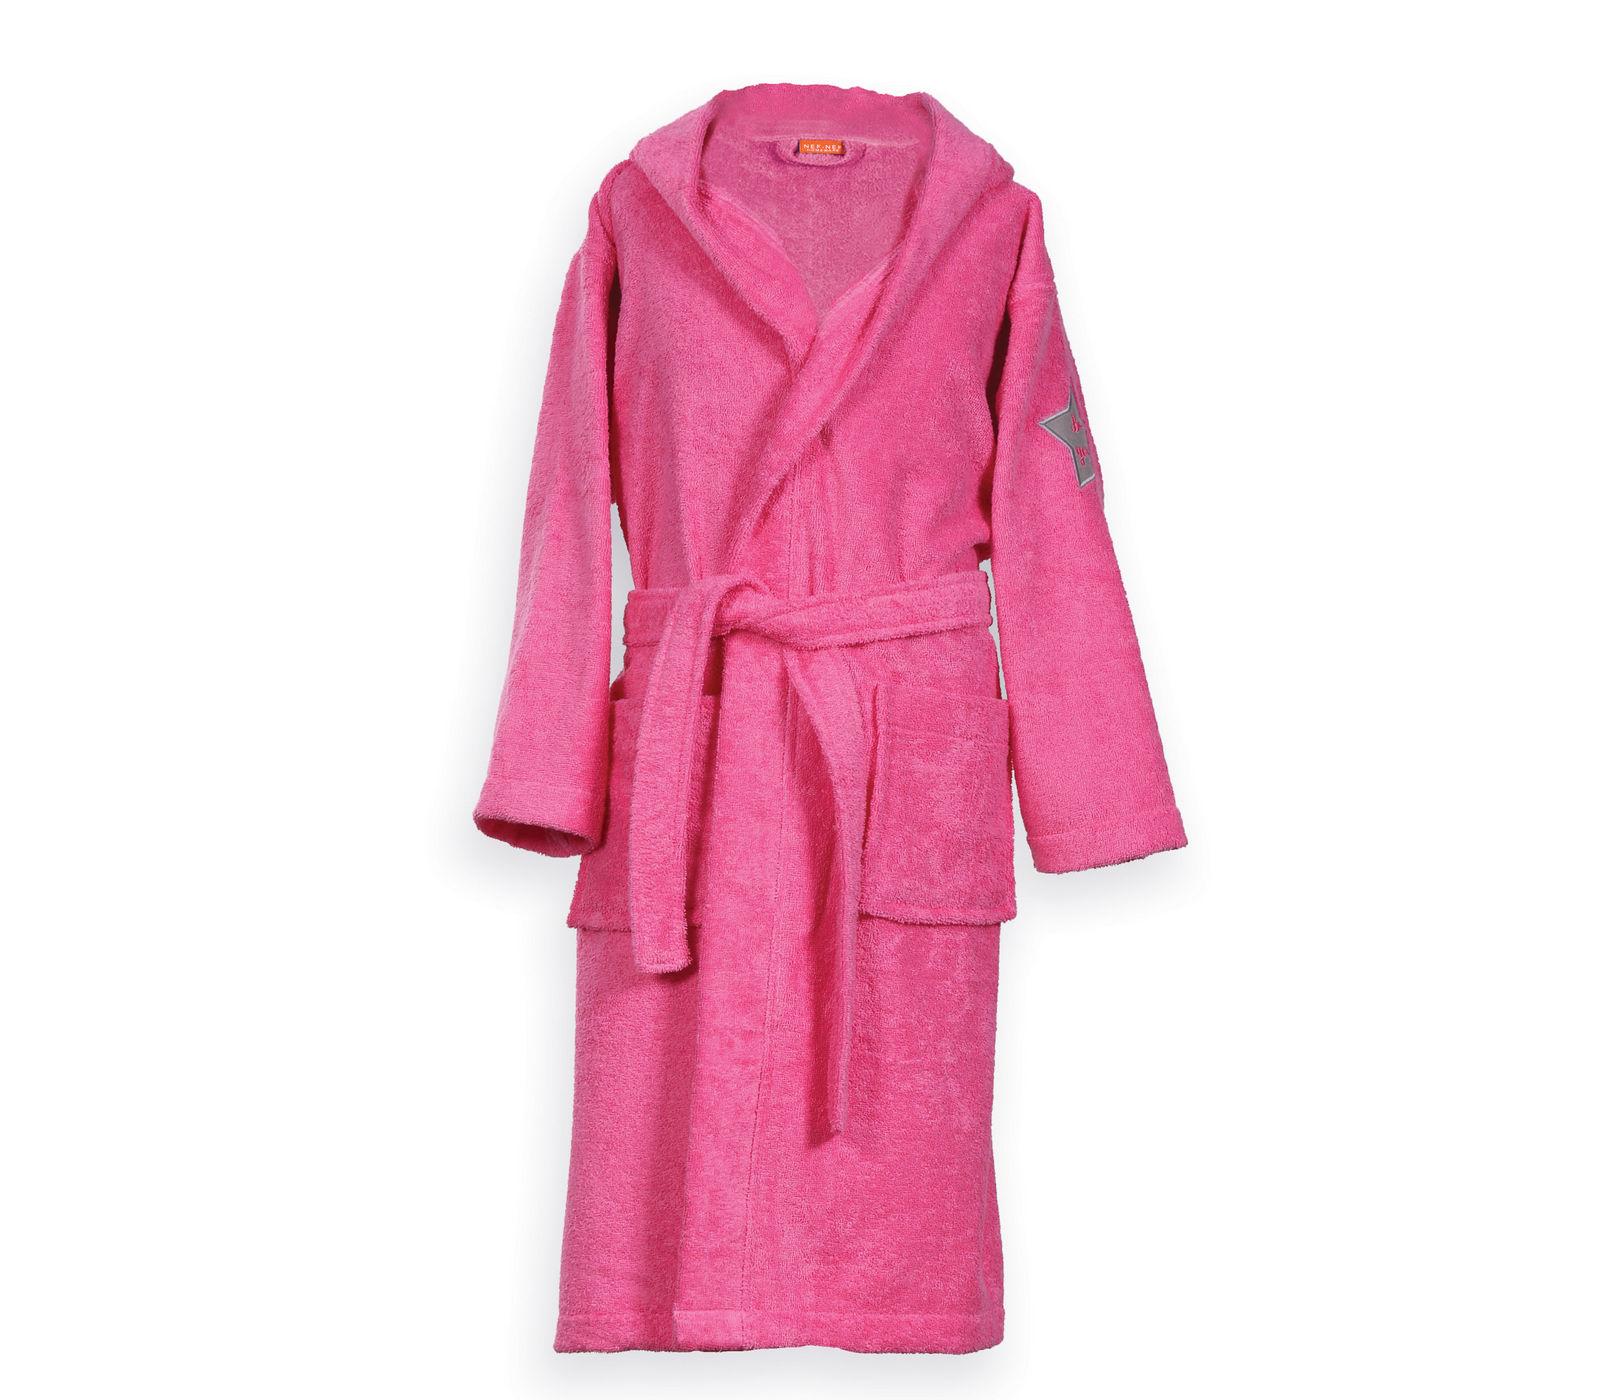 Μπουρνούζι Παιδικό με Κουκούλα NEF NEF JUNIOR KIDS-18 789-Hot Pink 04